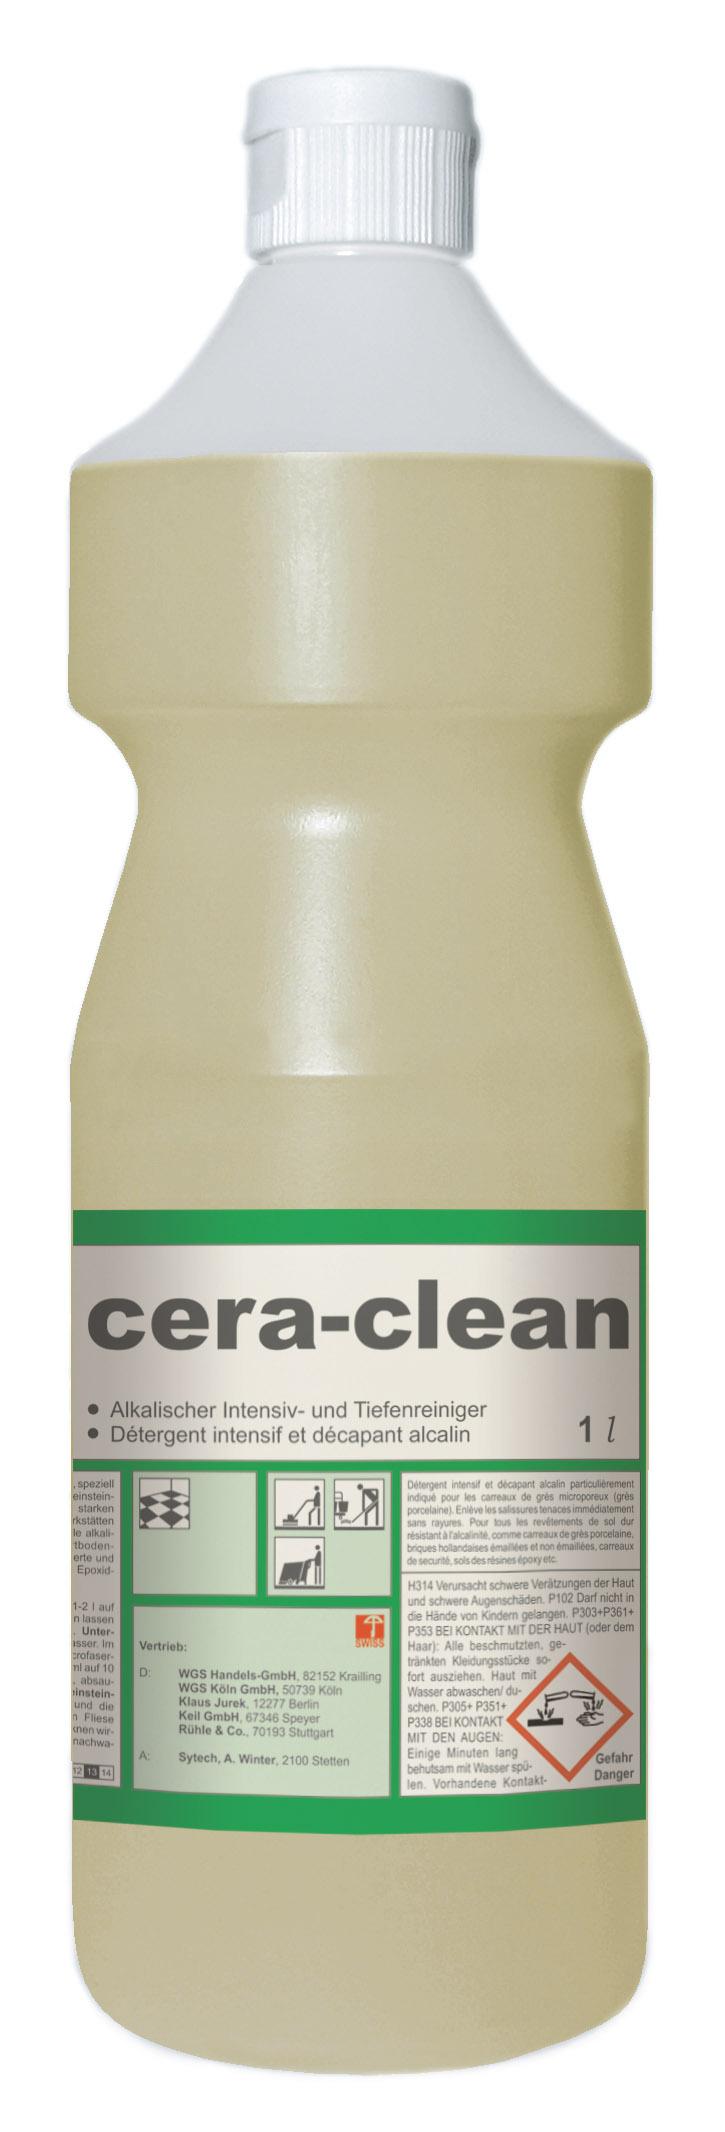 Pramol cera-clean Feinsteinzeugreiniger, 1 Flasche, 1 Liter